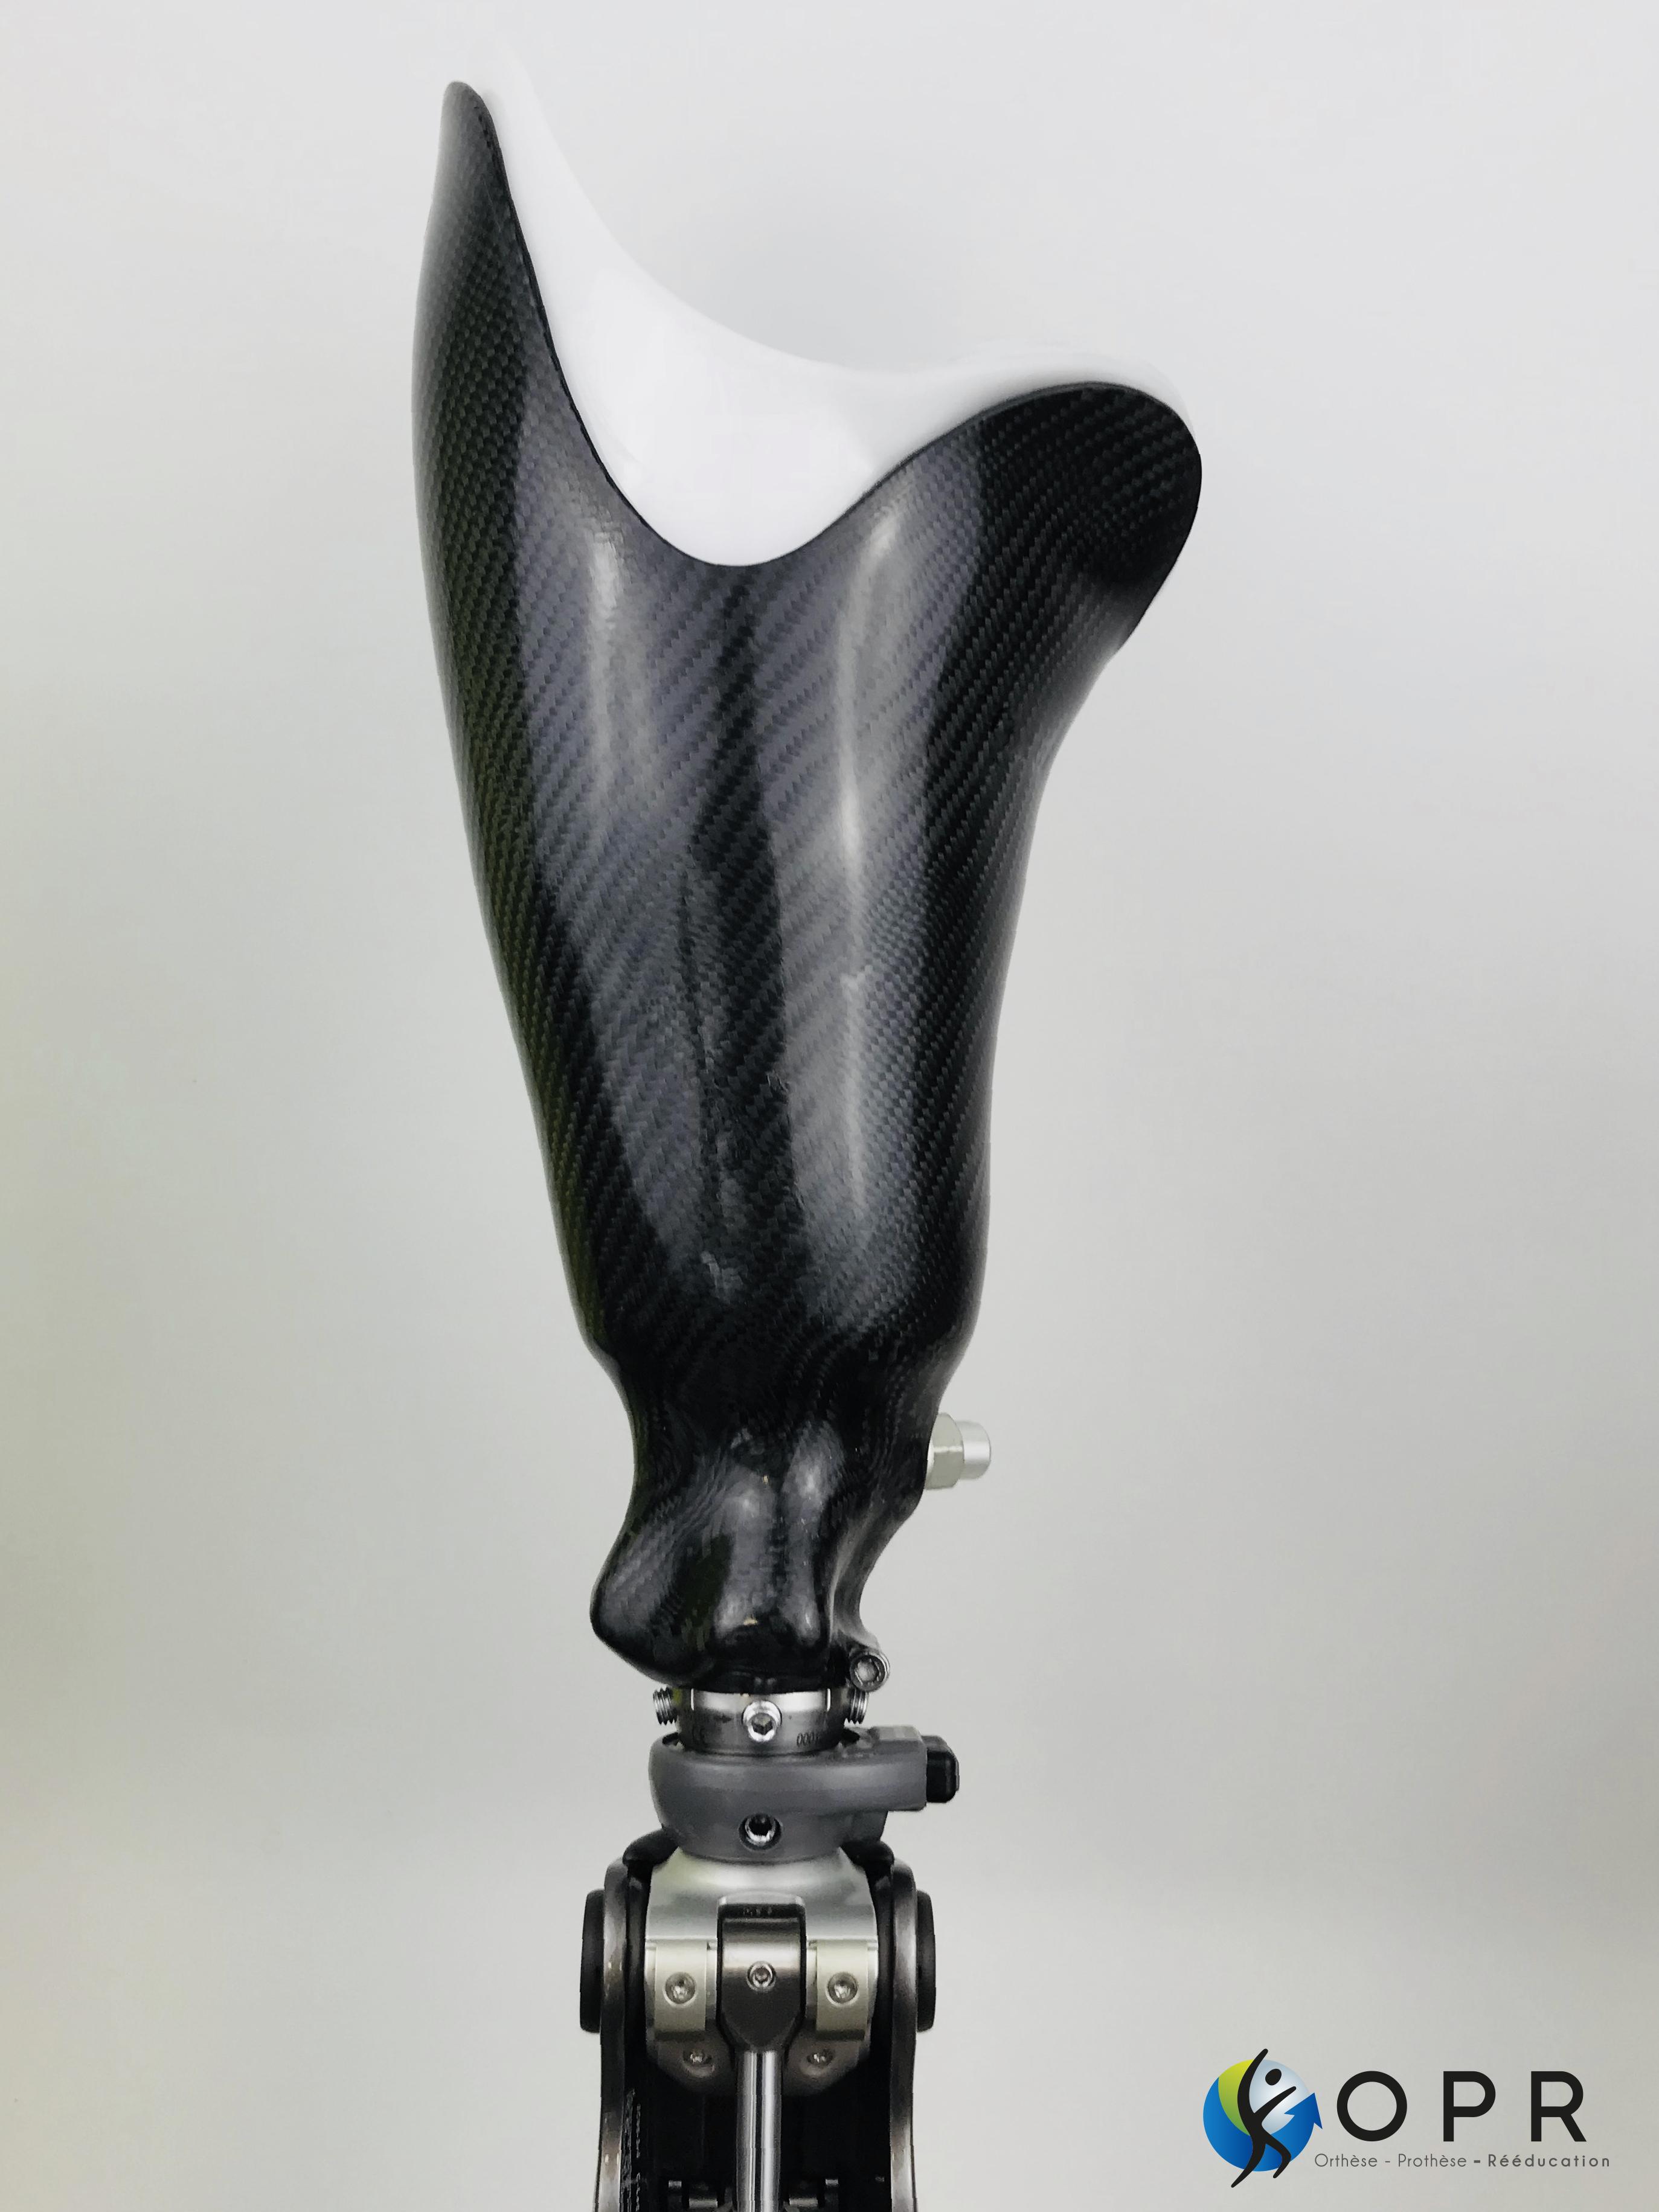 emboiture de cuisse pour prothèse fémorale avec silicone et carbone à Rennes et Avranches en normandie